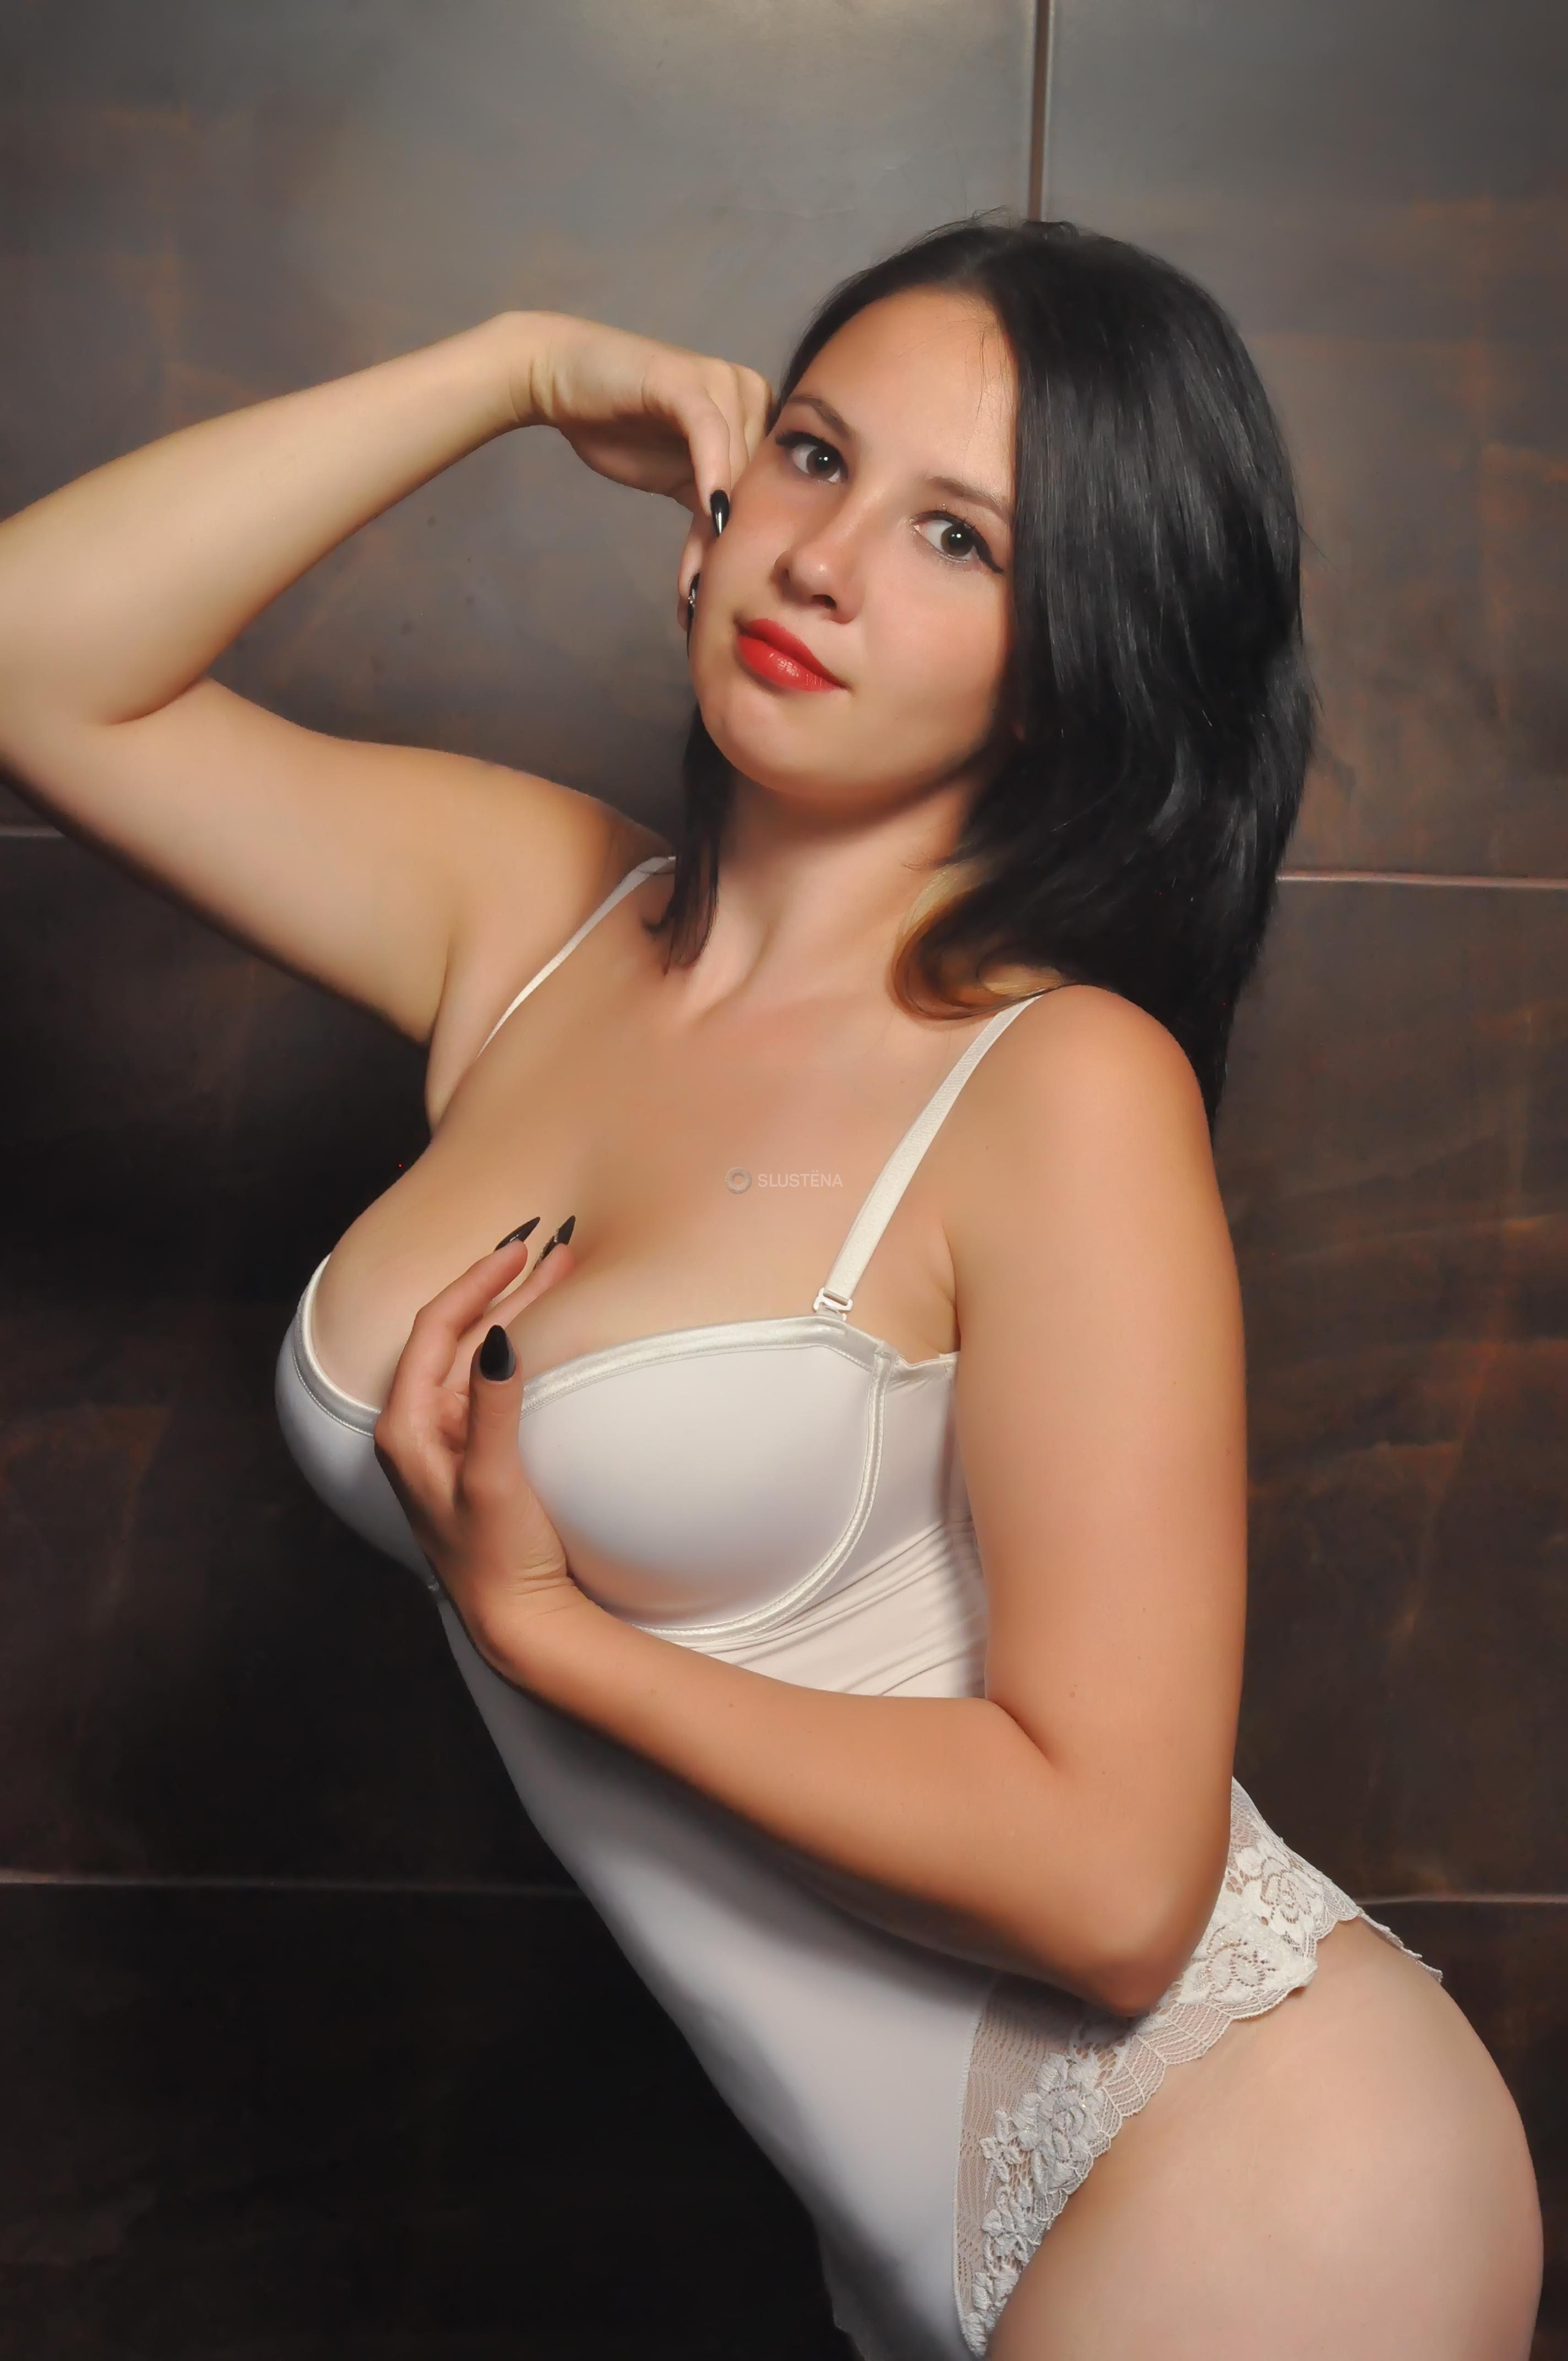 Элитная ухоженная проститутка новосибирска, порно сок с большими сиськами видео